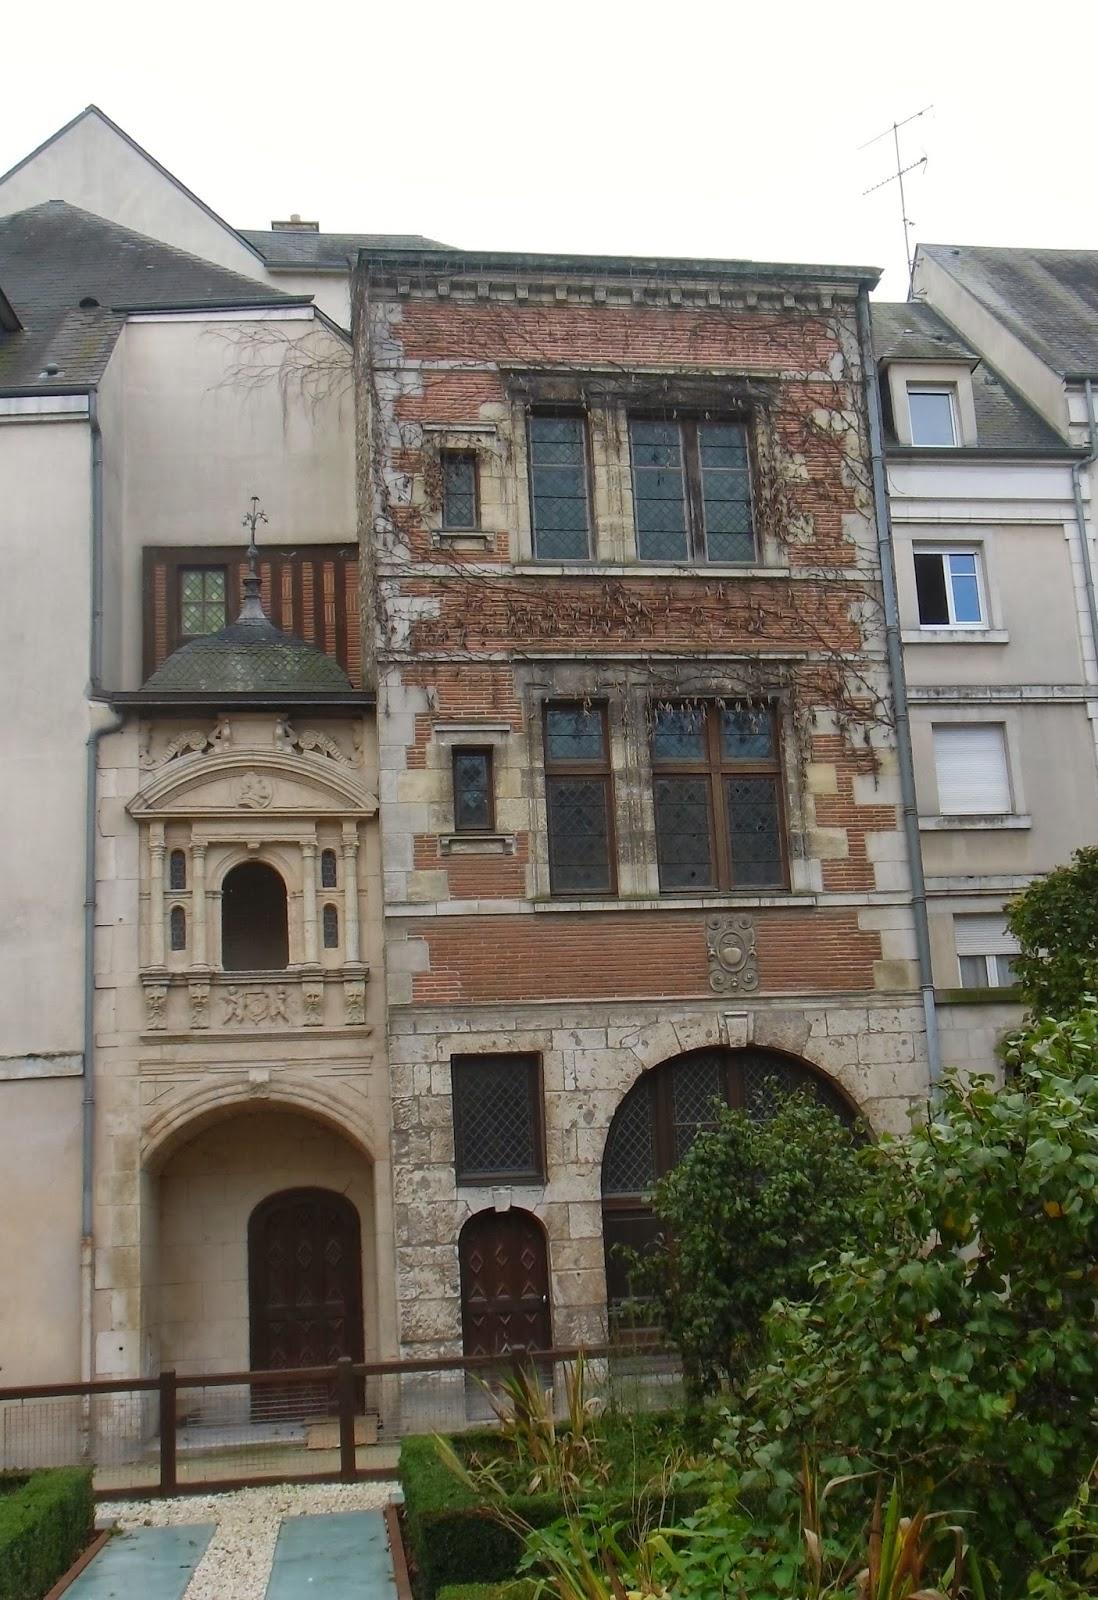 La rte le p re d 39 ulysse square abbe desnoyers orleans for Maison des entreprises orleans